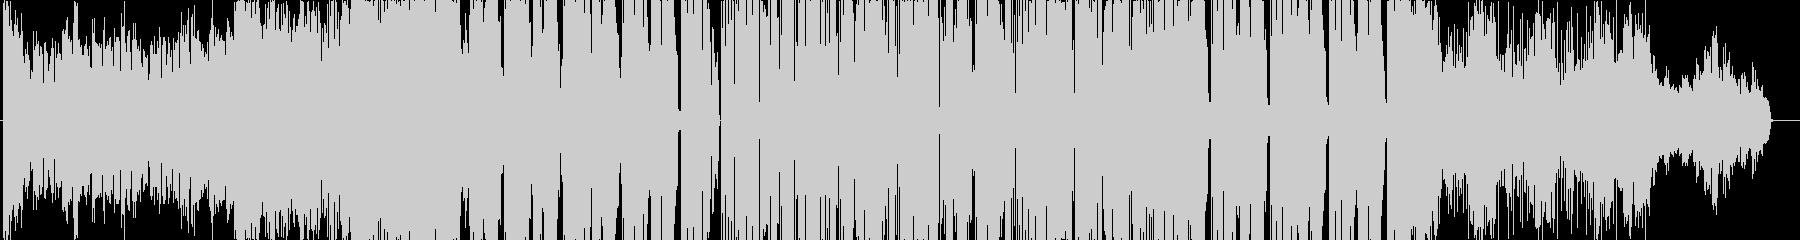 【洋楽EDM】ポップで明るめ・インパクトの未再生の波形